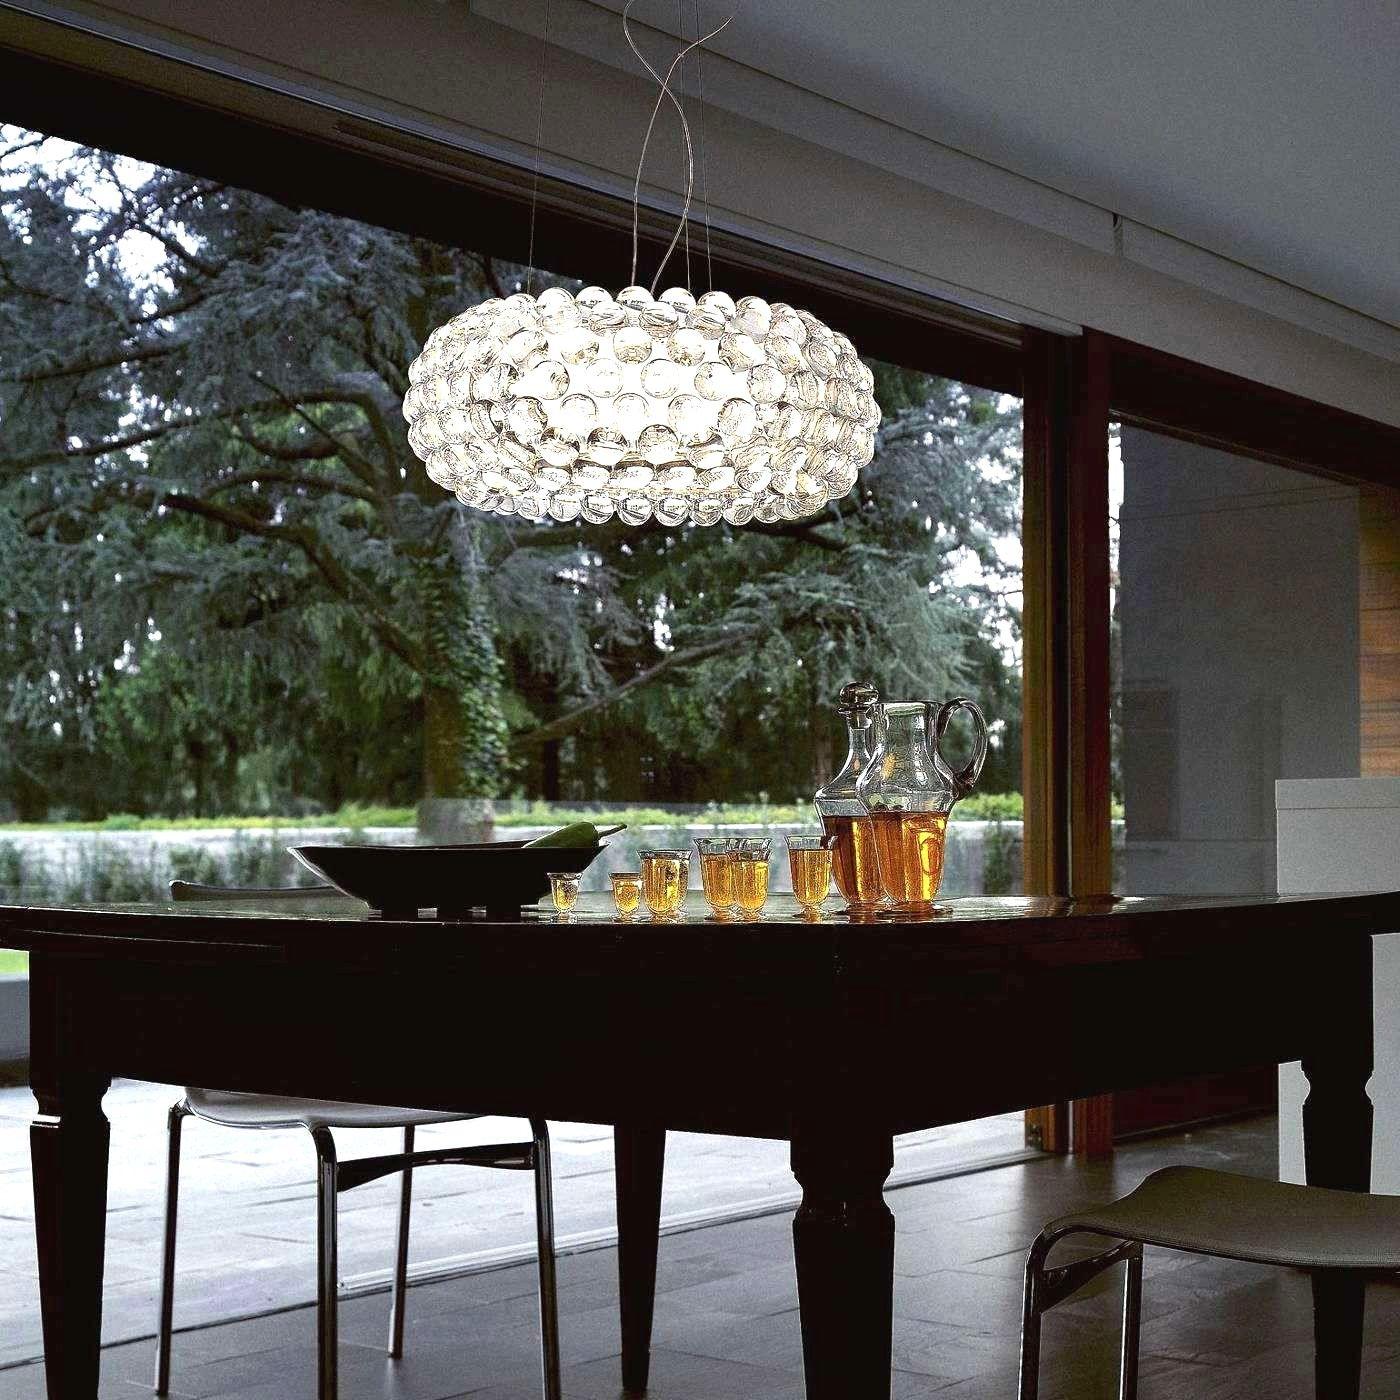 Lampe Esstisch Ikea  Lampe esstisch, Ikea esstisch, Lampen wohnzimmer